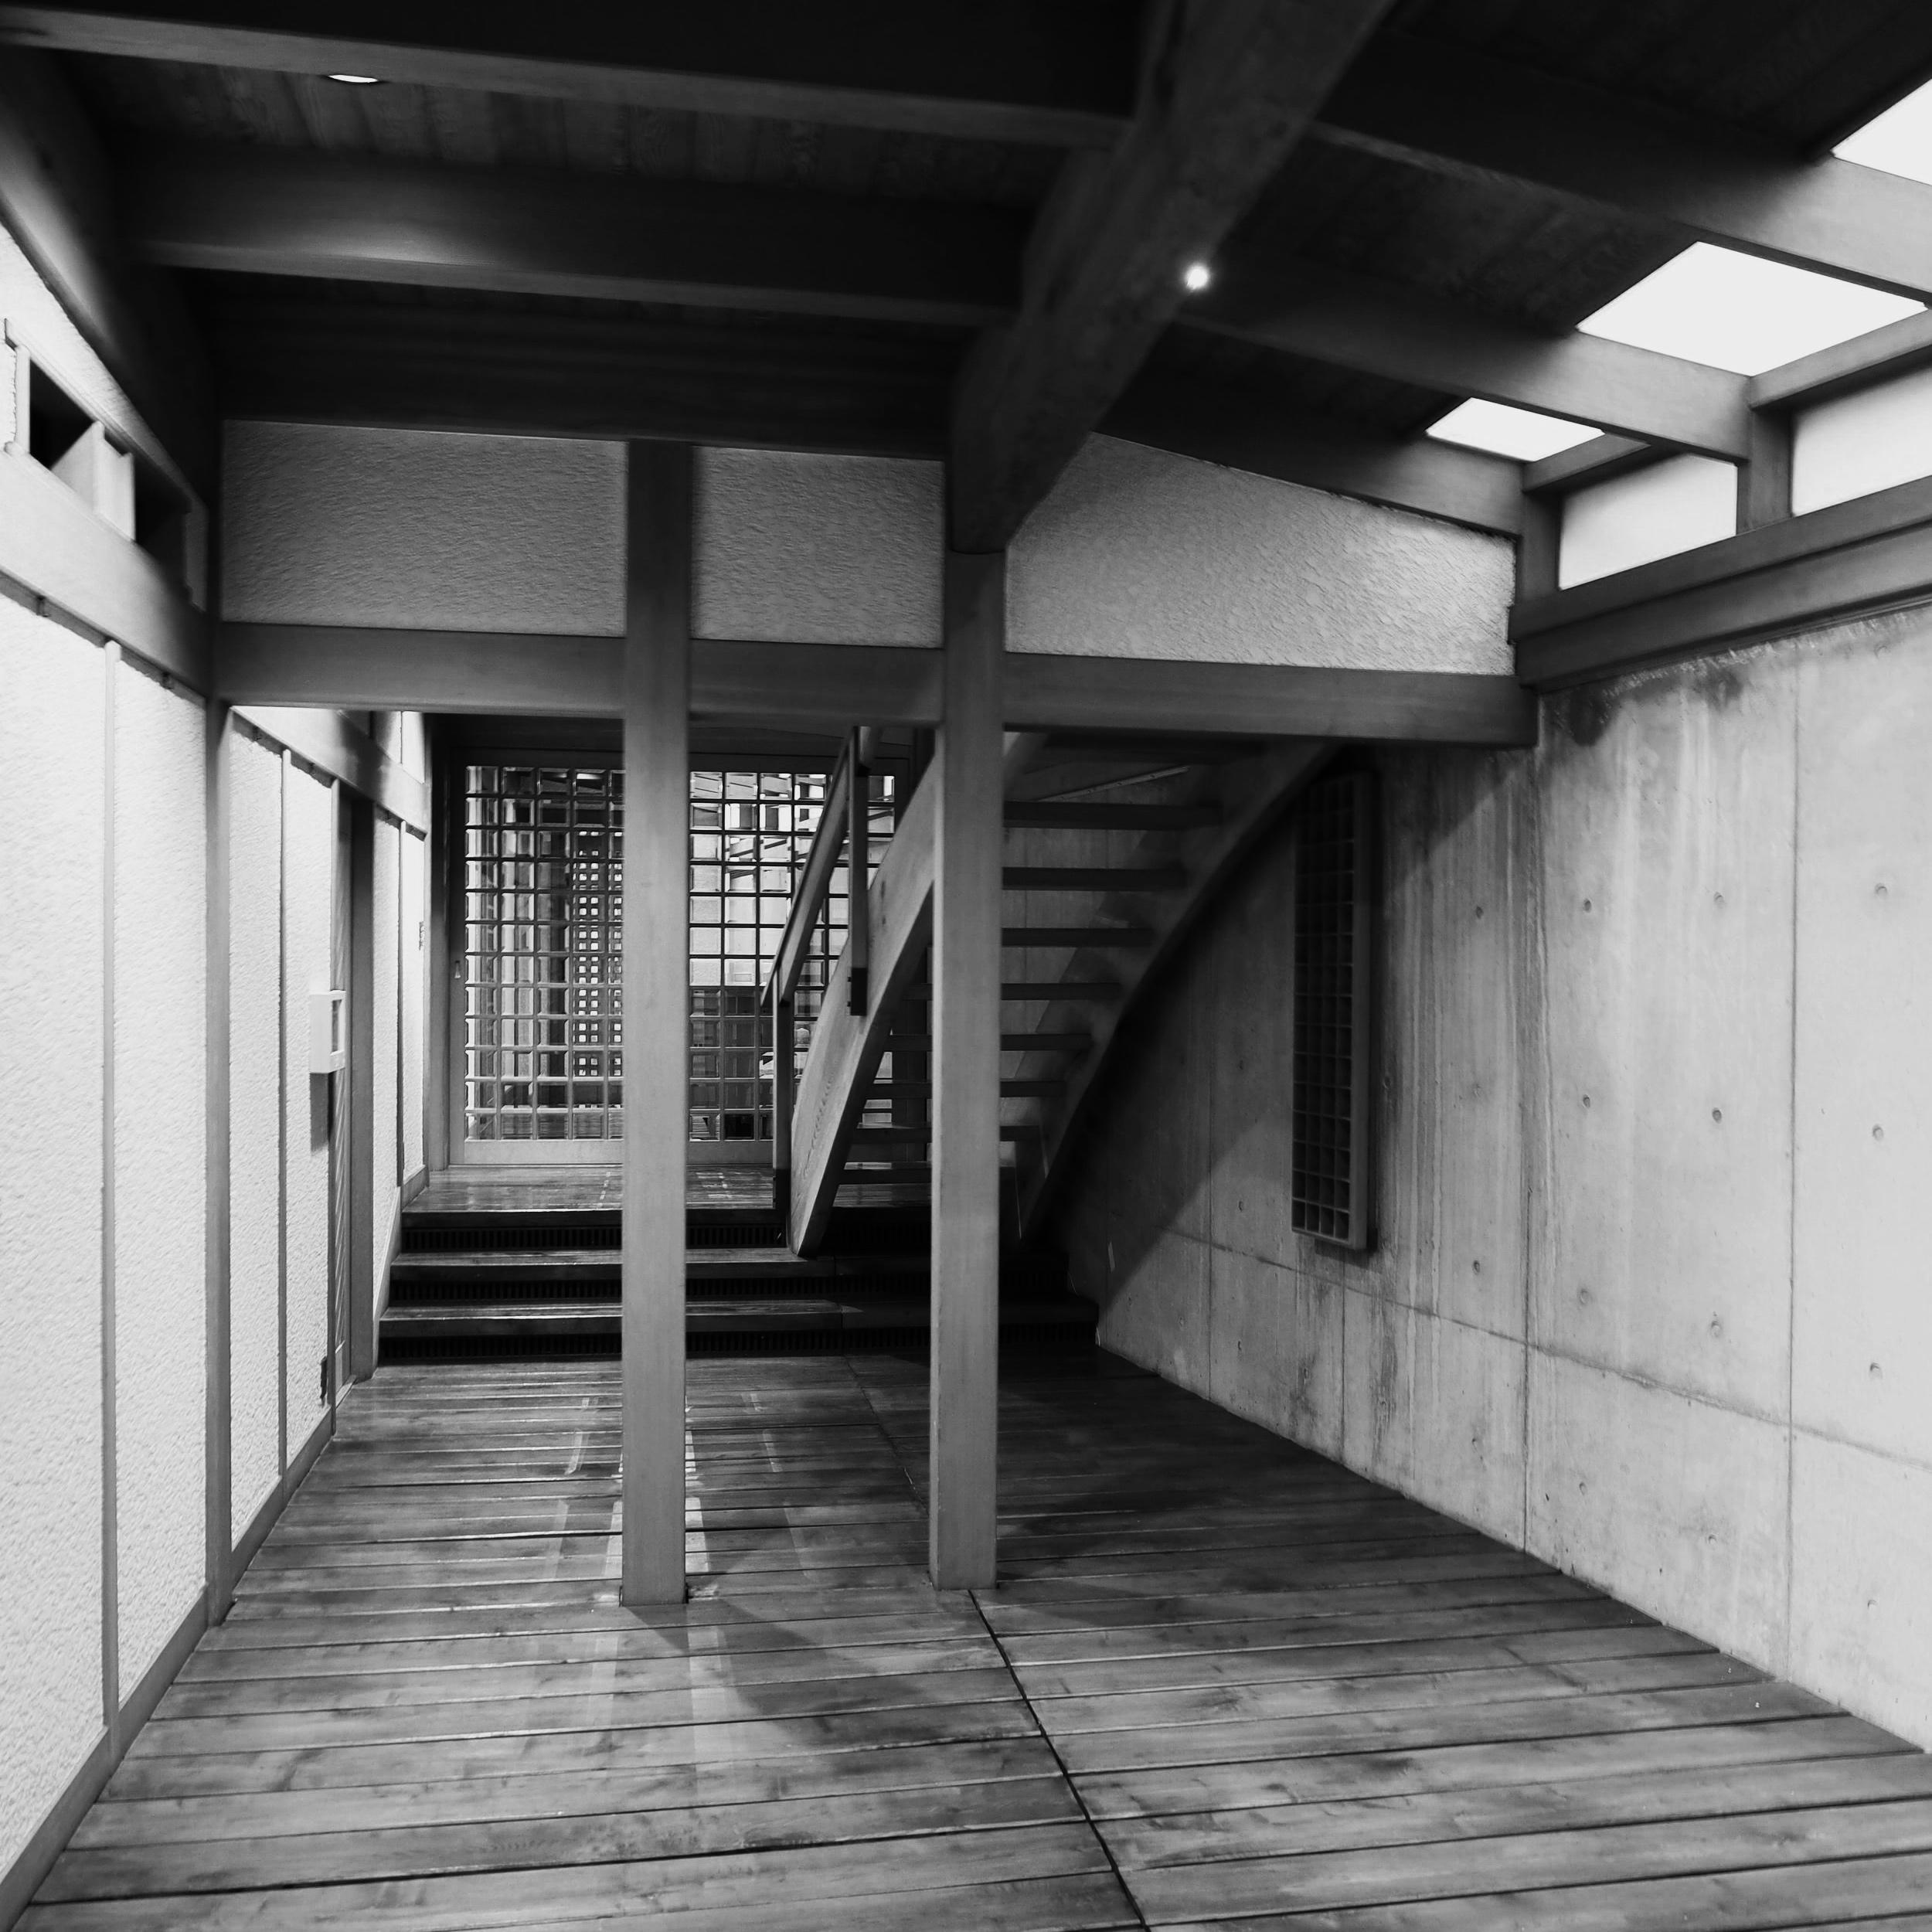 等々力ハウス - 平成元年築30年の木造ギャラリーを修復・保存(世田谷区等々力 2013年)